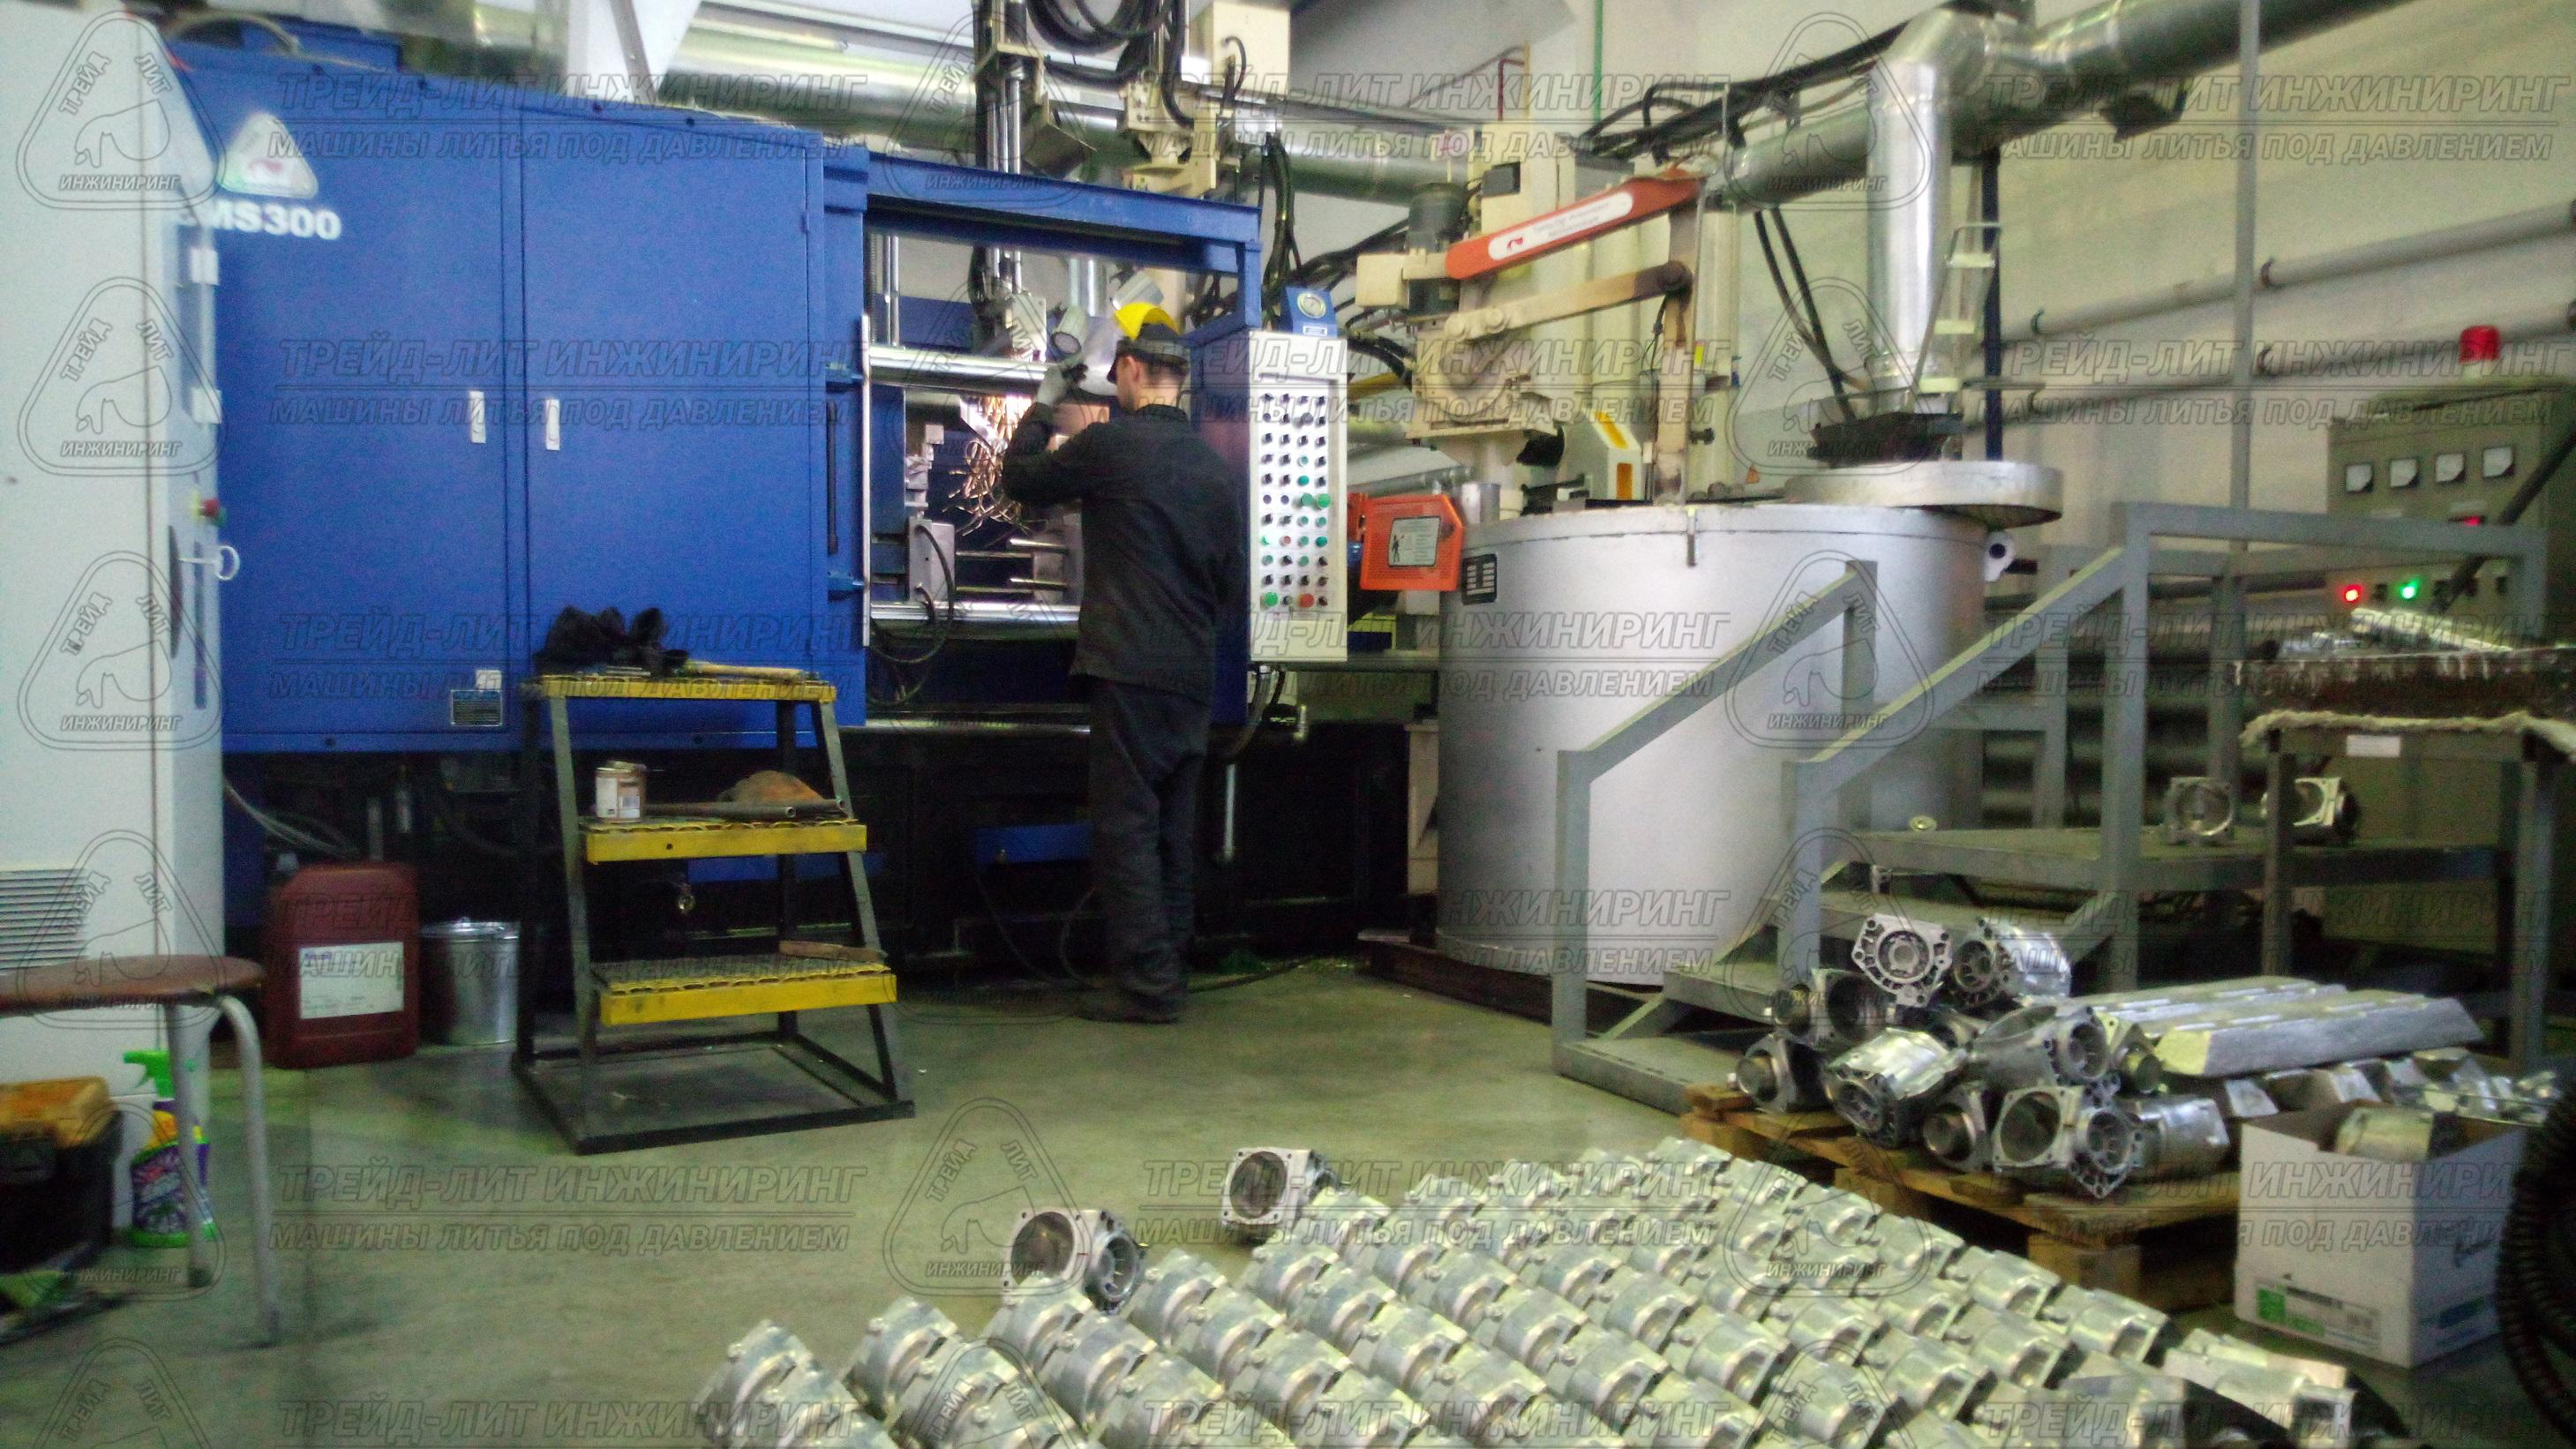 Партия отливок «Картер» полученных на автоматизированном комплексе литья под давлением MS300.